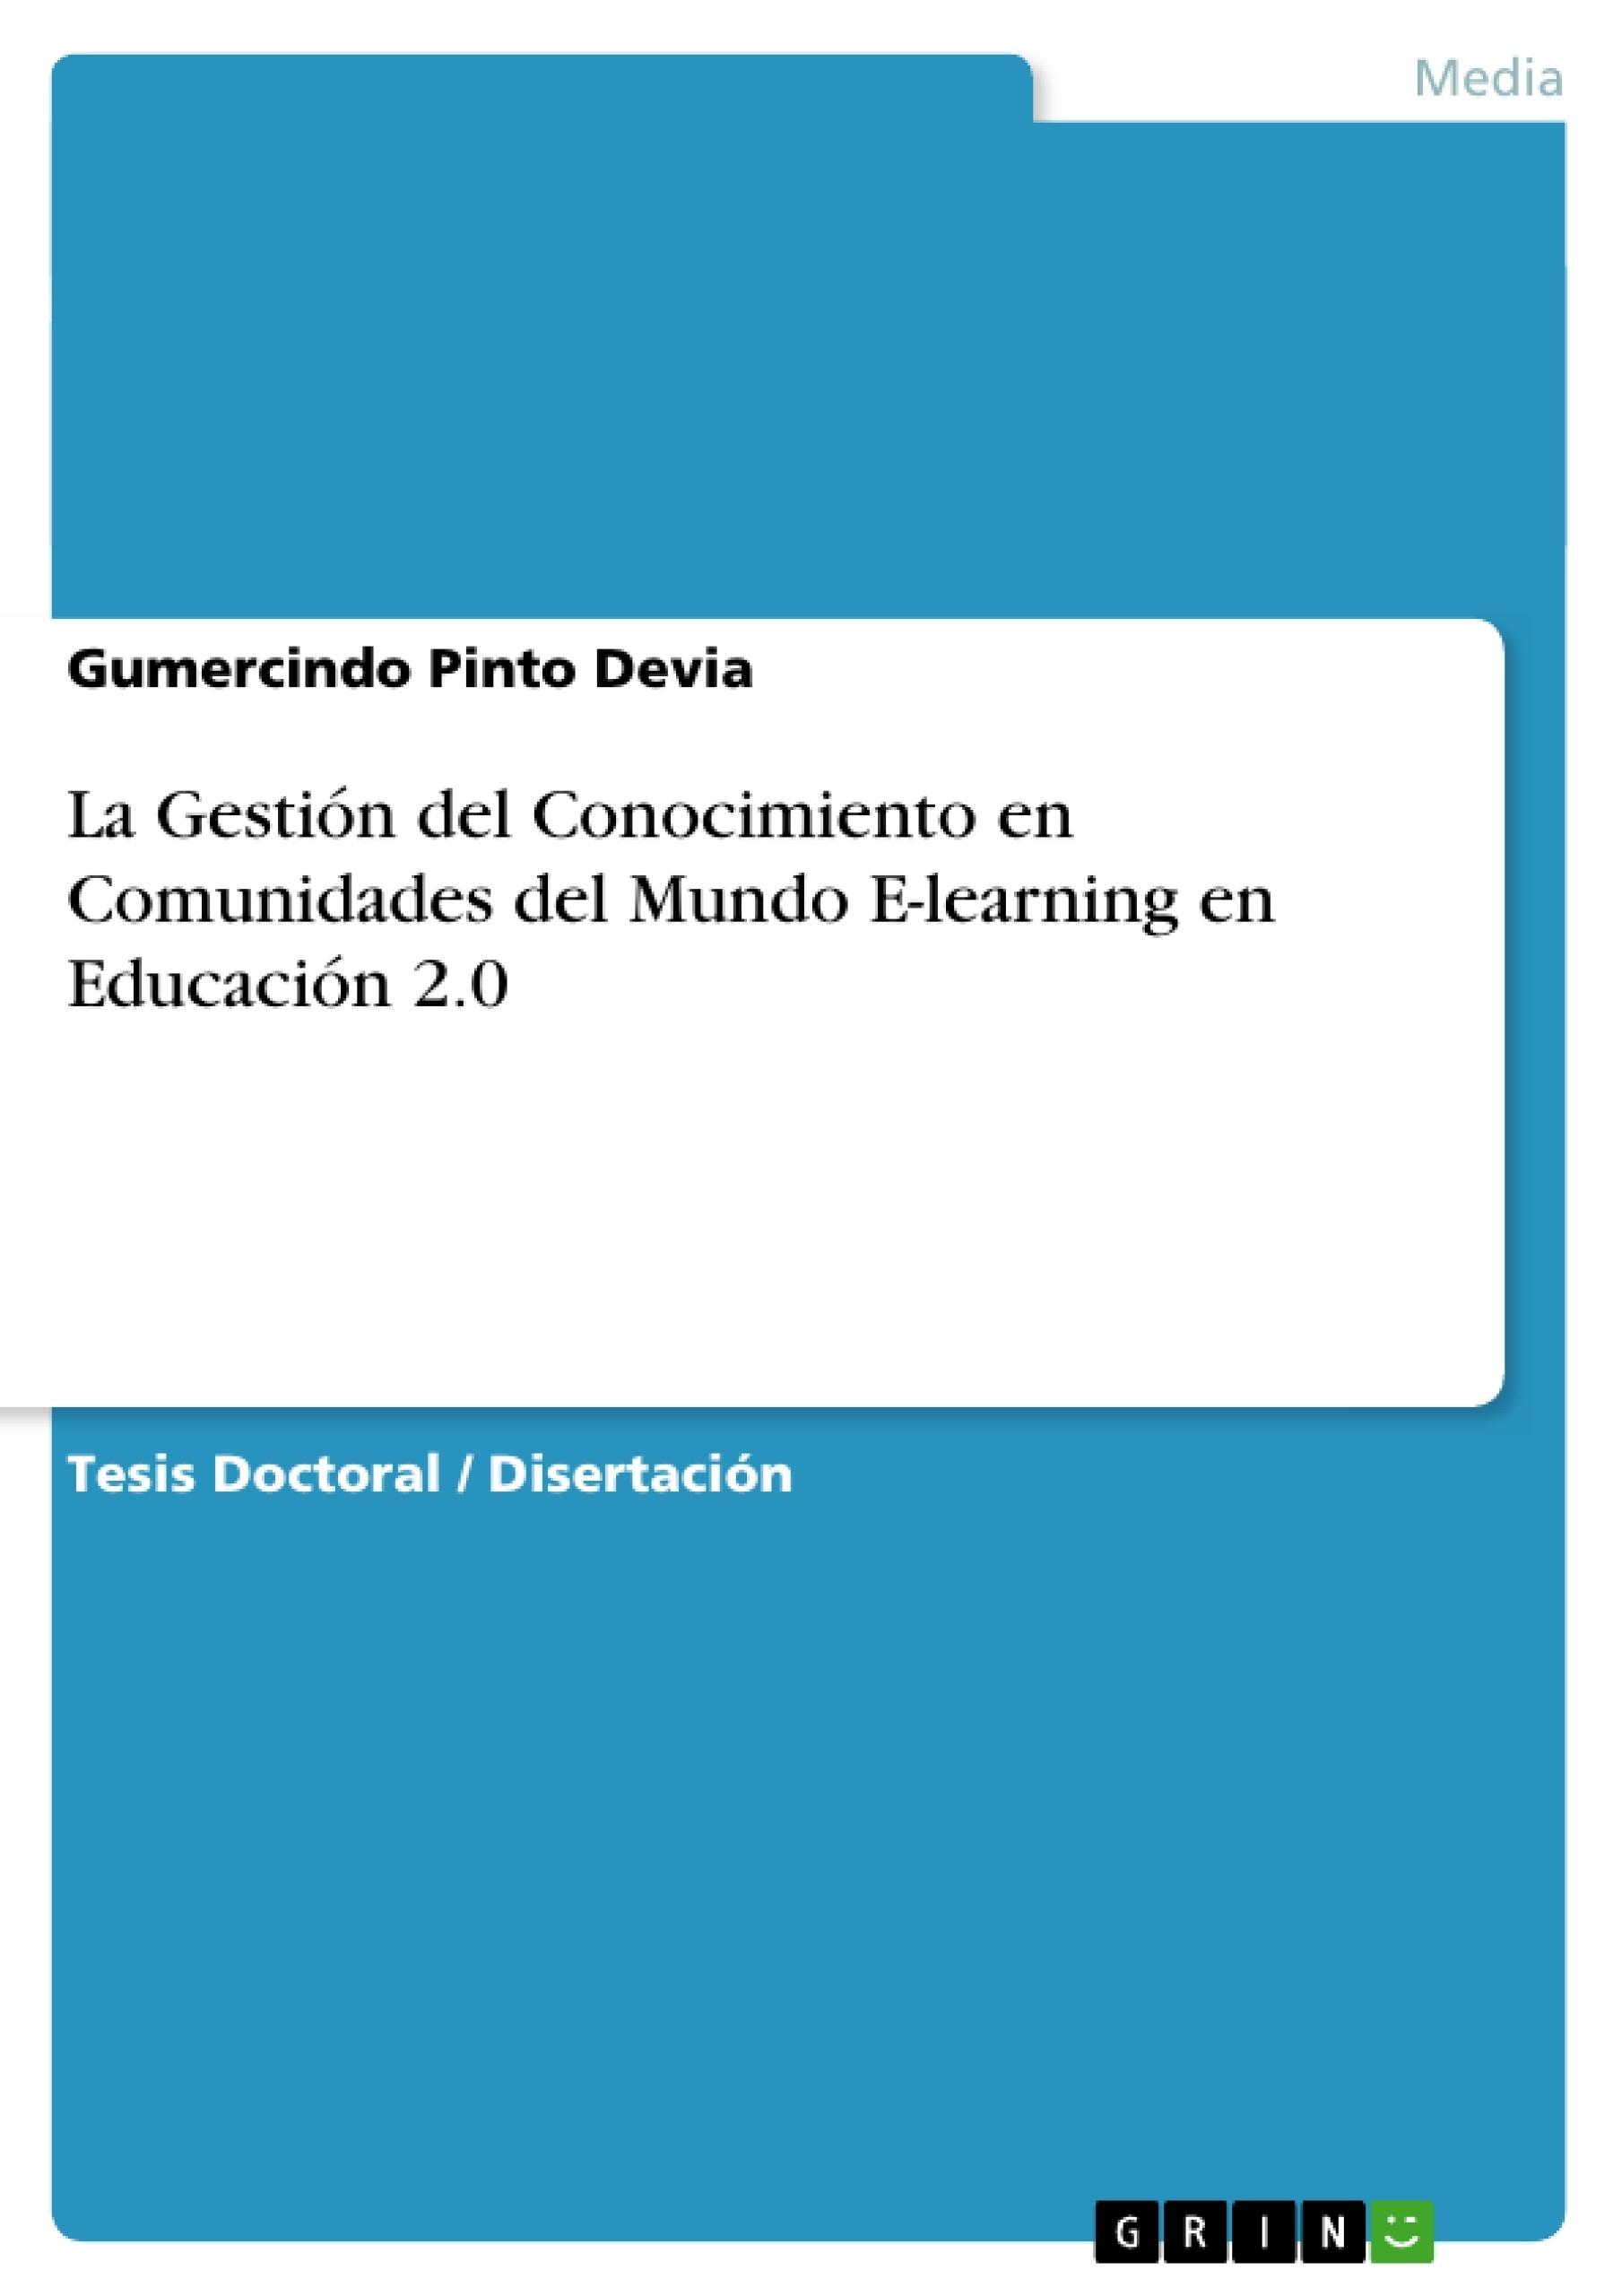 Título: La Gestión del Conocimiento en Comunidades del Mundo E-learning en Educación 2.0